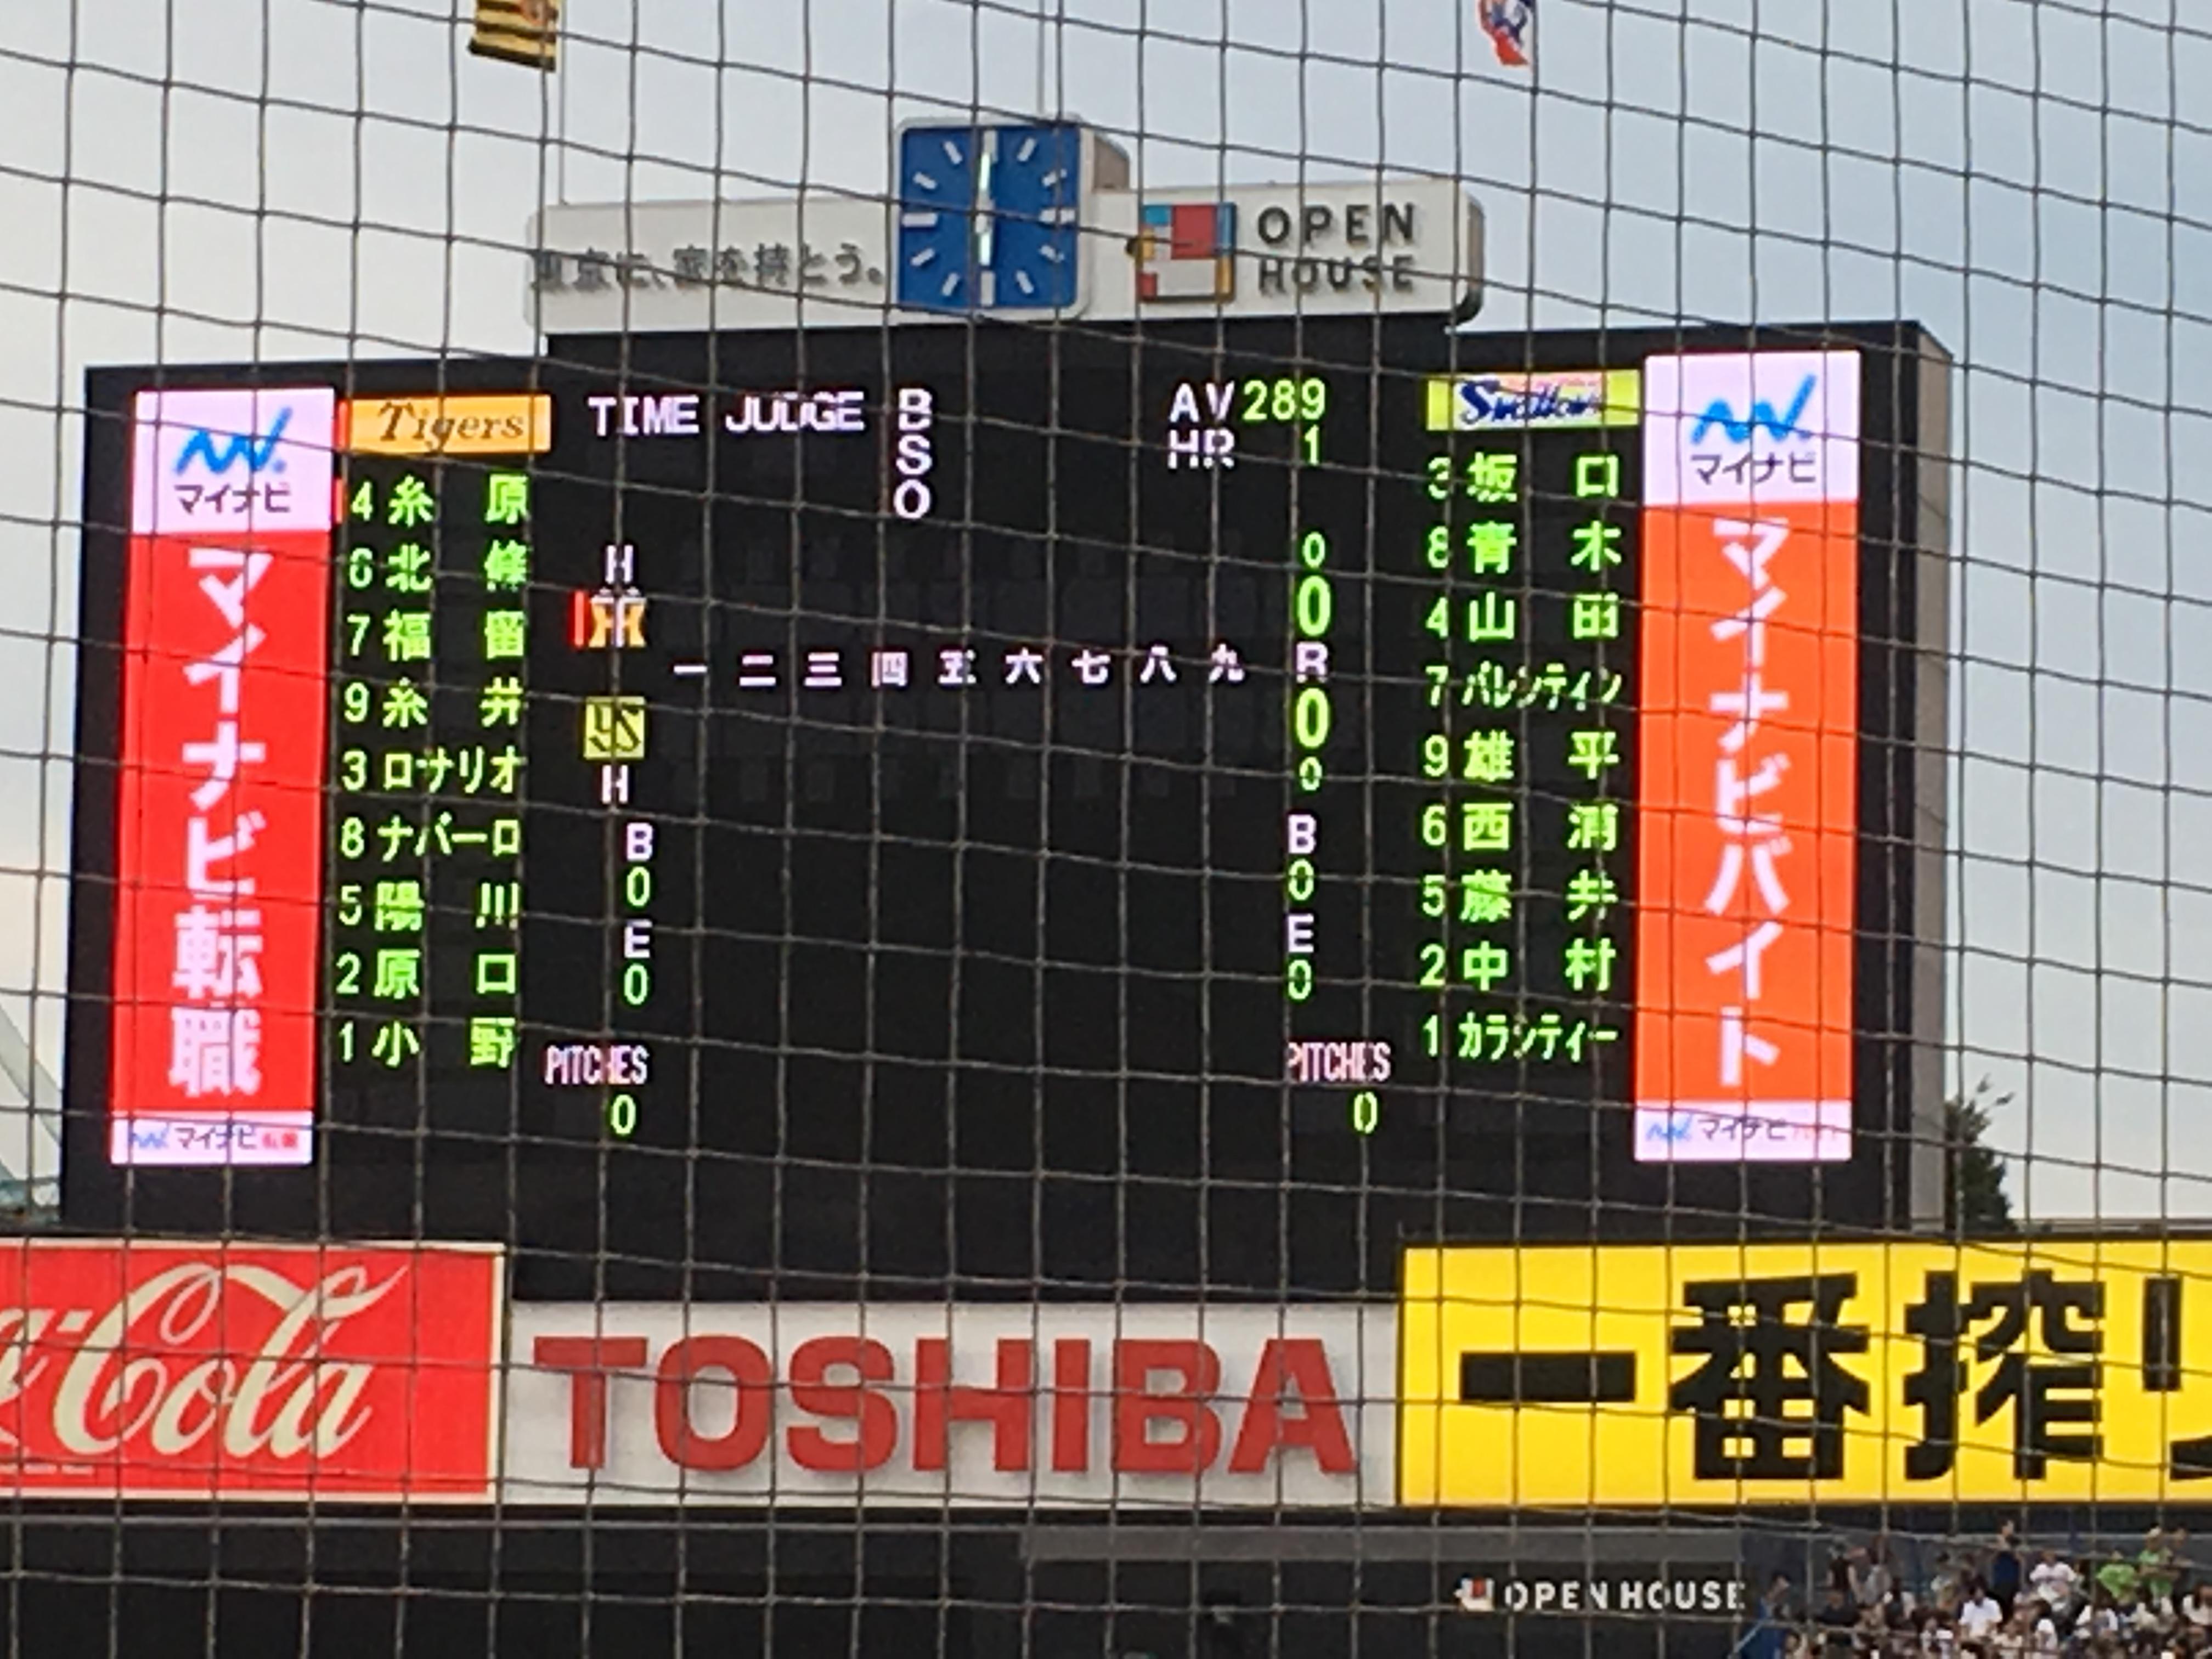 神宮球場に阪神VSヤクルト戦を観に行った